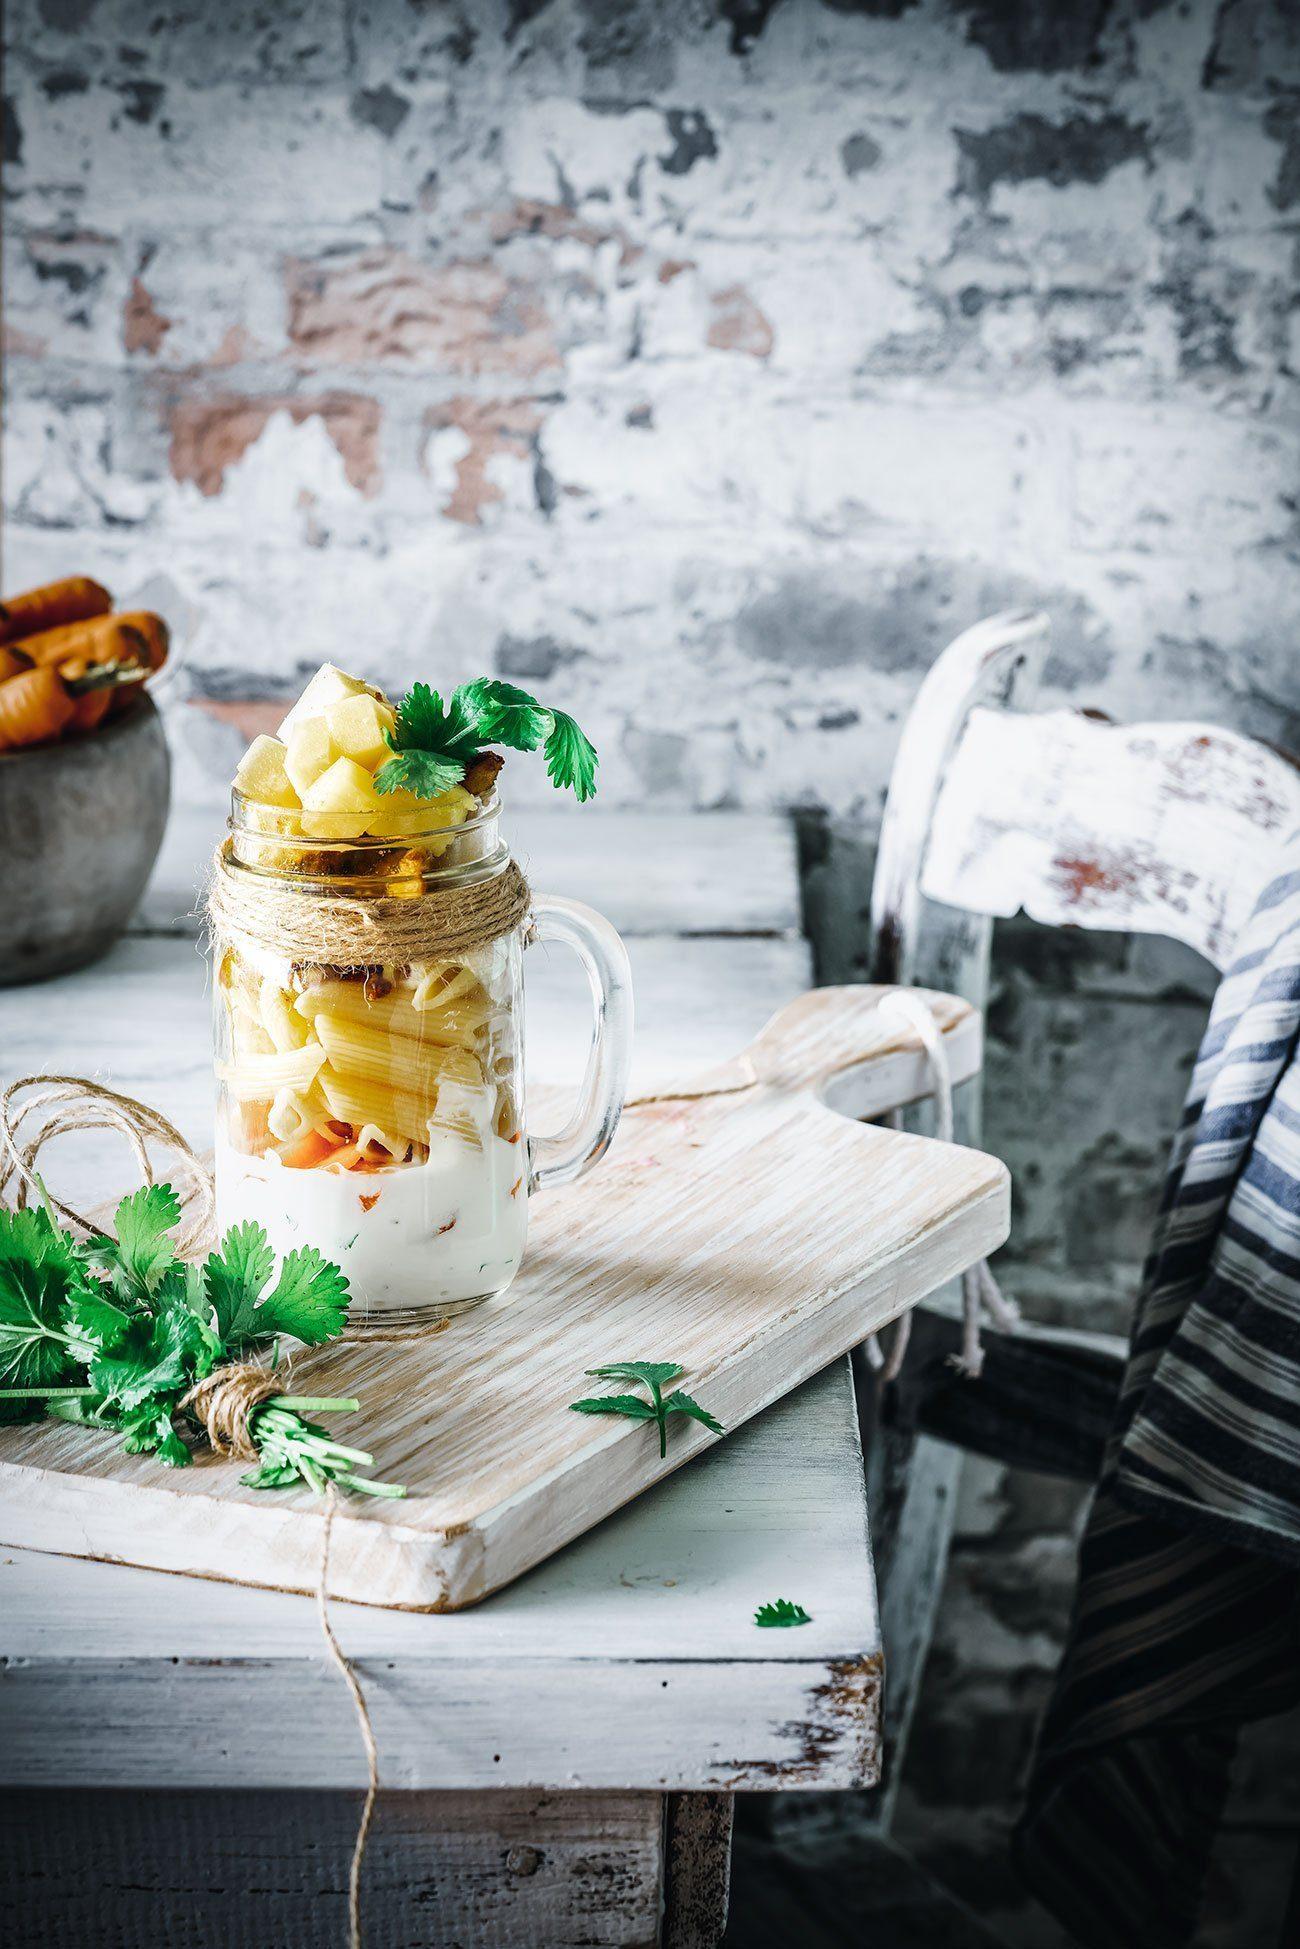 Wer morgen ins Büro muss, sollte sich ein wenig Sonnenschein mitnehmen. Auch wenn er nur in Form eines fruchtigen Nudelsalates ist. Garantiert ist aber, dass die Mittagspause lecker wird.